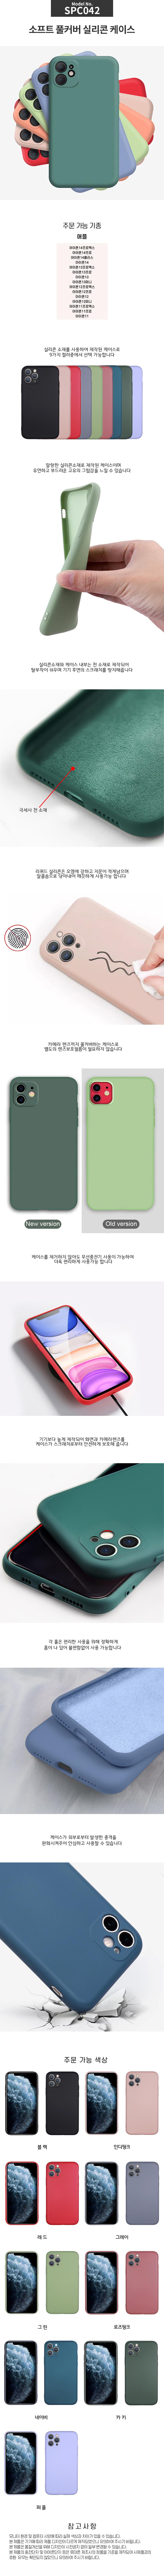 아이폰11프로 11프로맥스 렌즈보호 실리콘 휴대폰 핸드폰케이스 - 수나르, 14,800원, 케이스, 아이폰XR